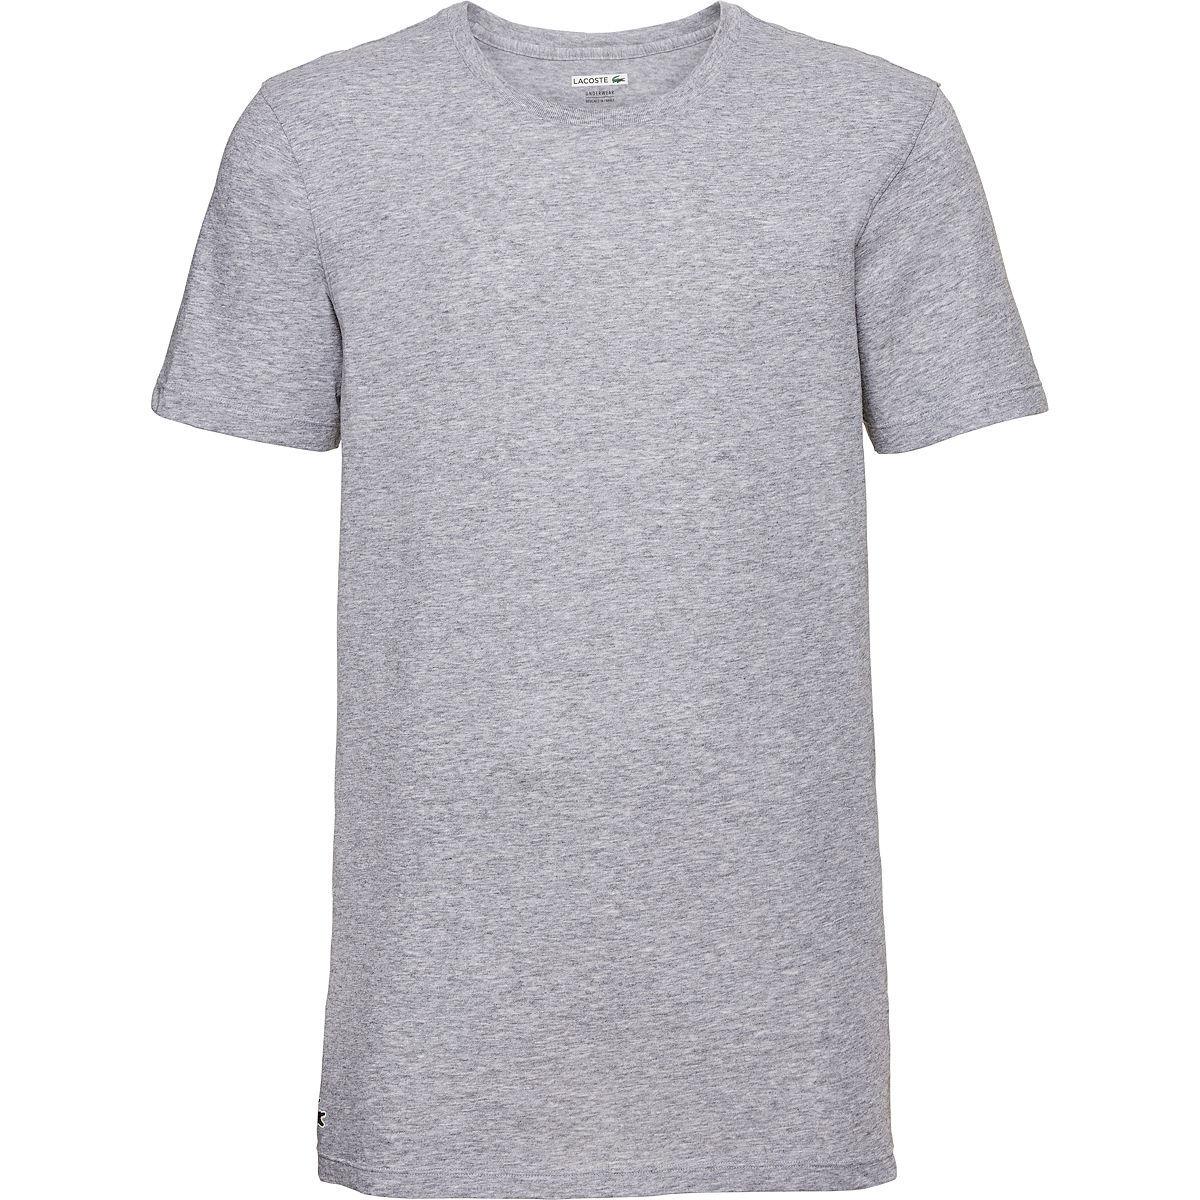 Lacoste Herren-Rundhals-Shirts 3er Pack 19,99€ = 49% billiger als UVP